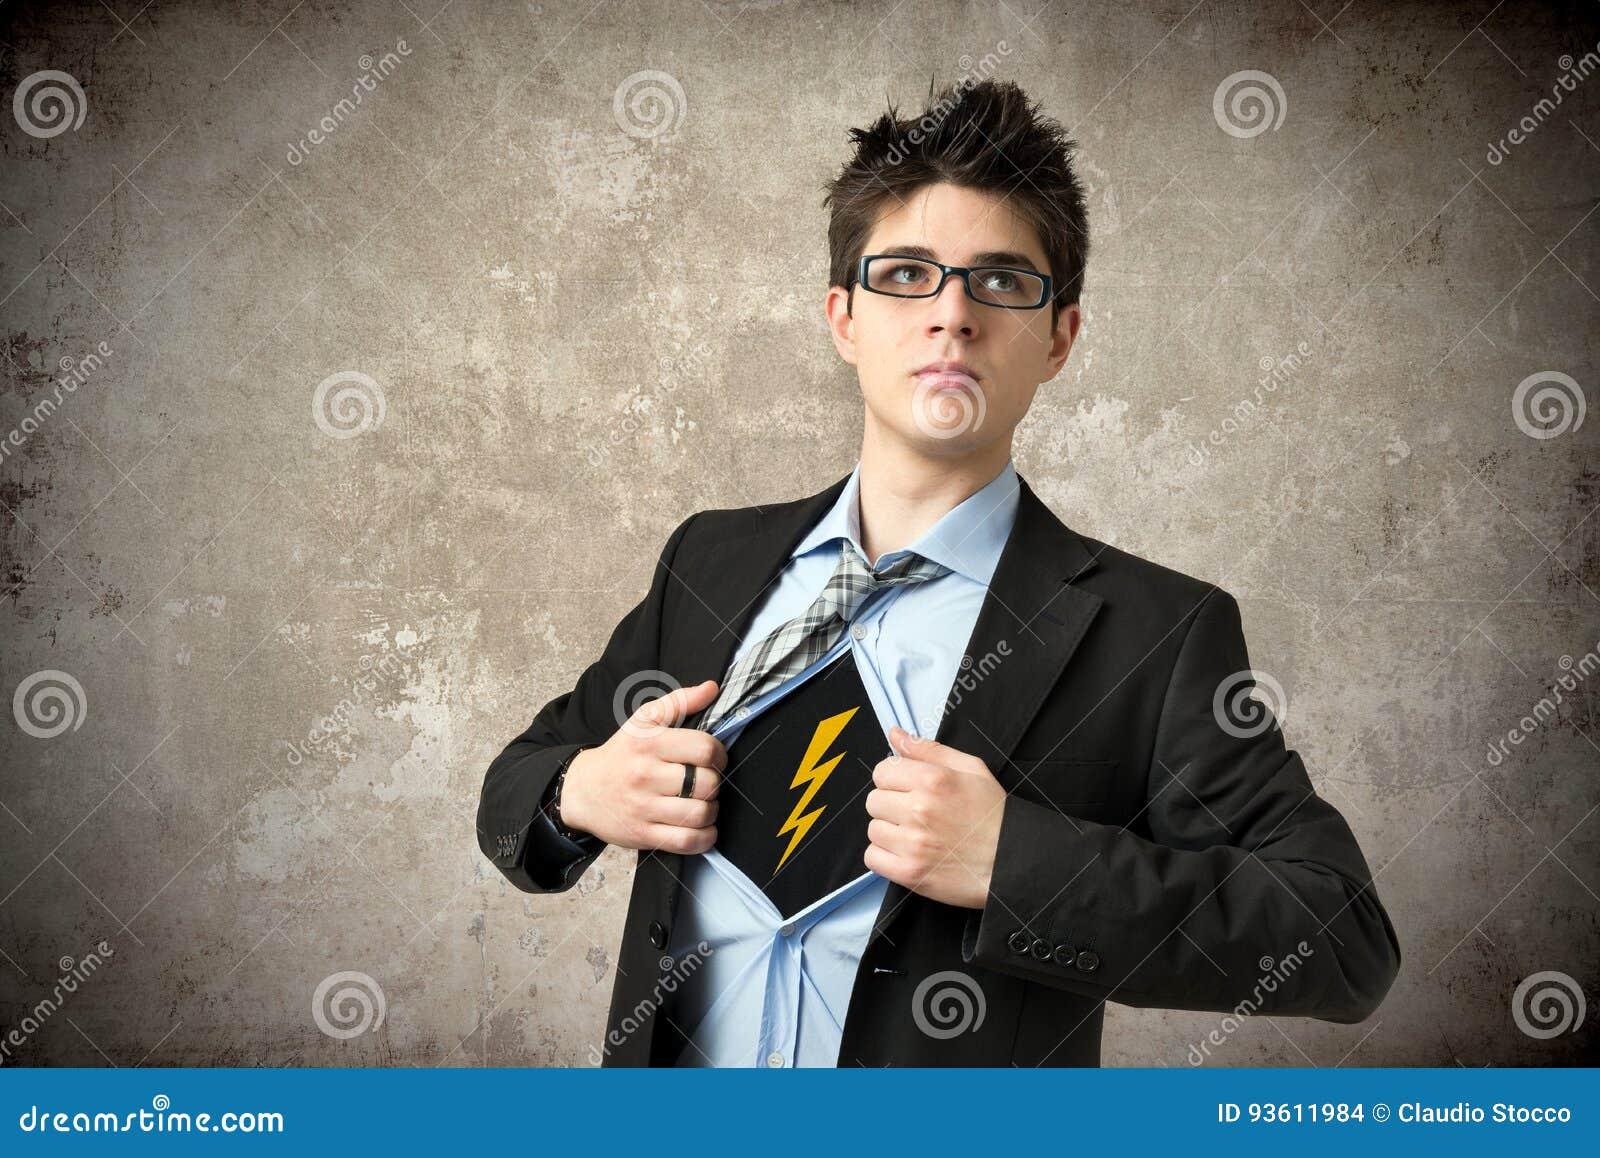 Le super héros ouvre la chemise